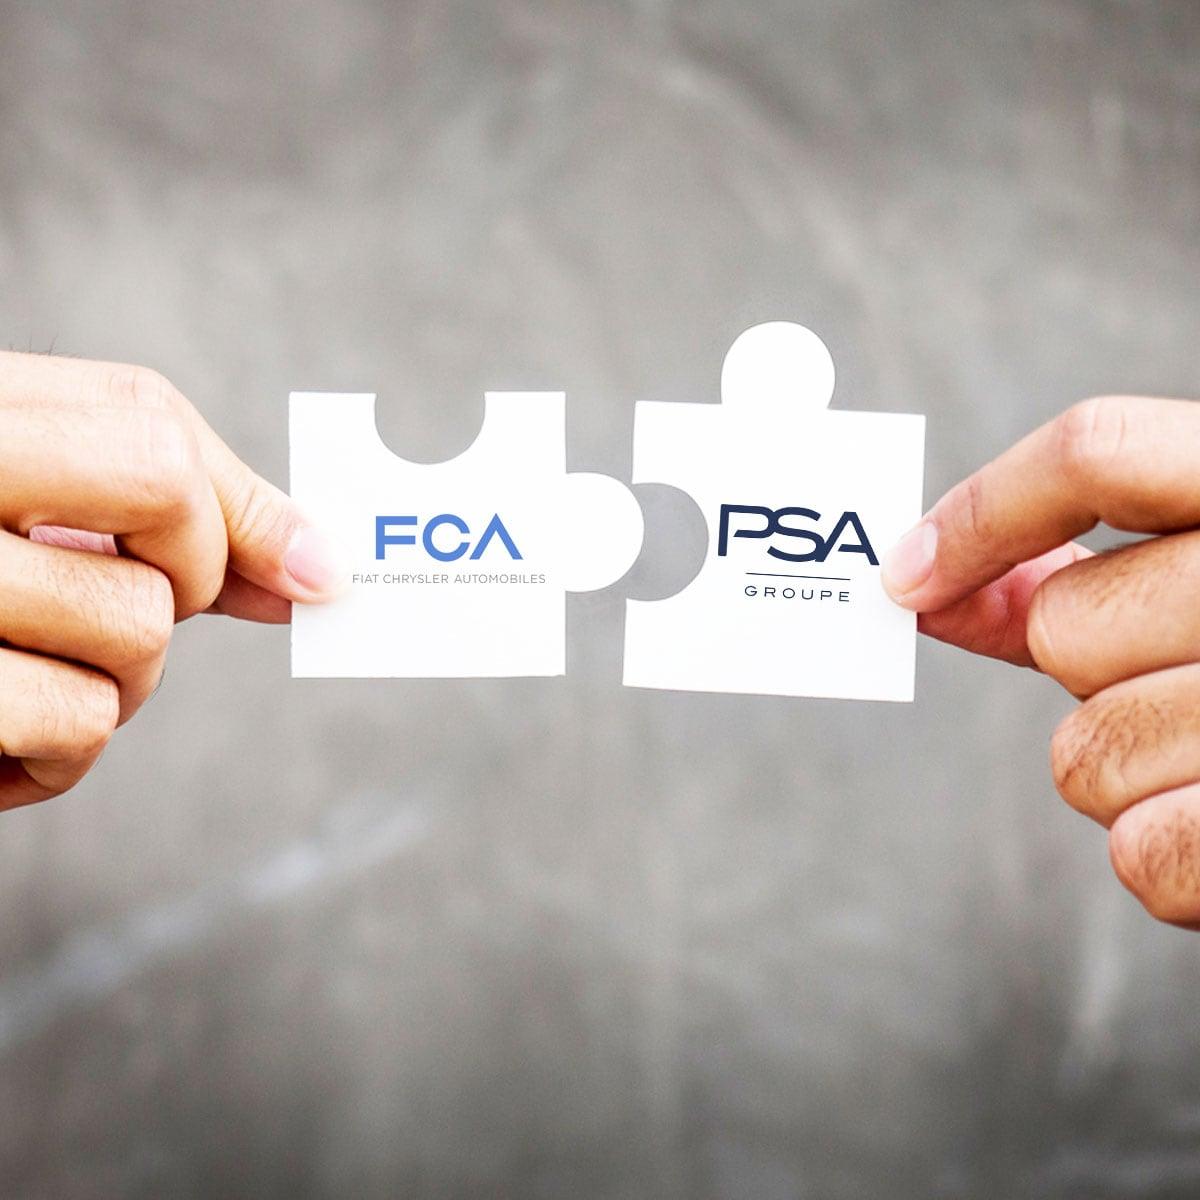 FCA-Psa, le misure ai promessi sposi dell'auto (L'Economia - Corriere della Sera)